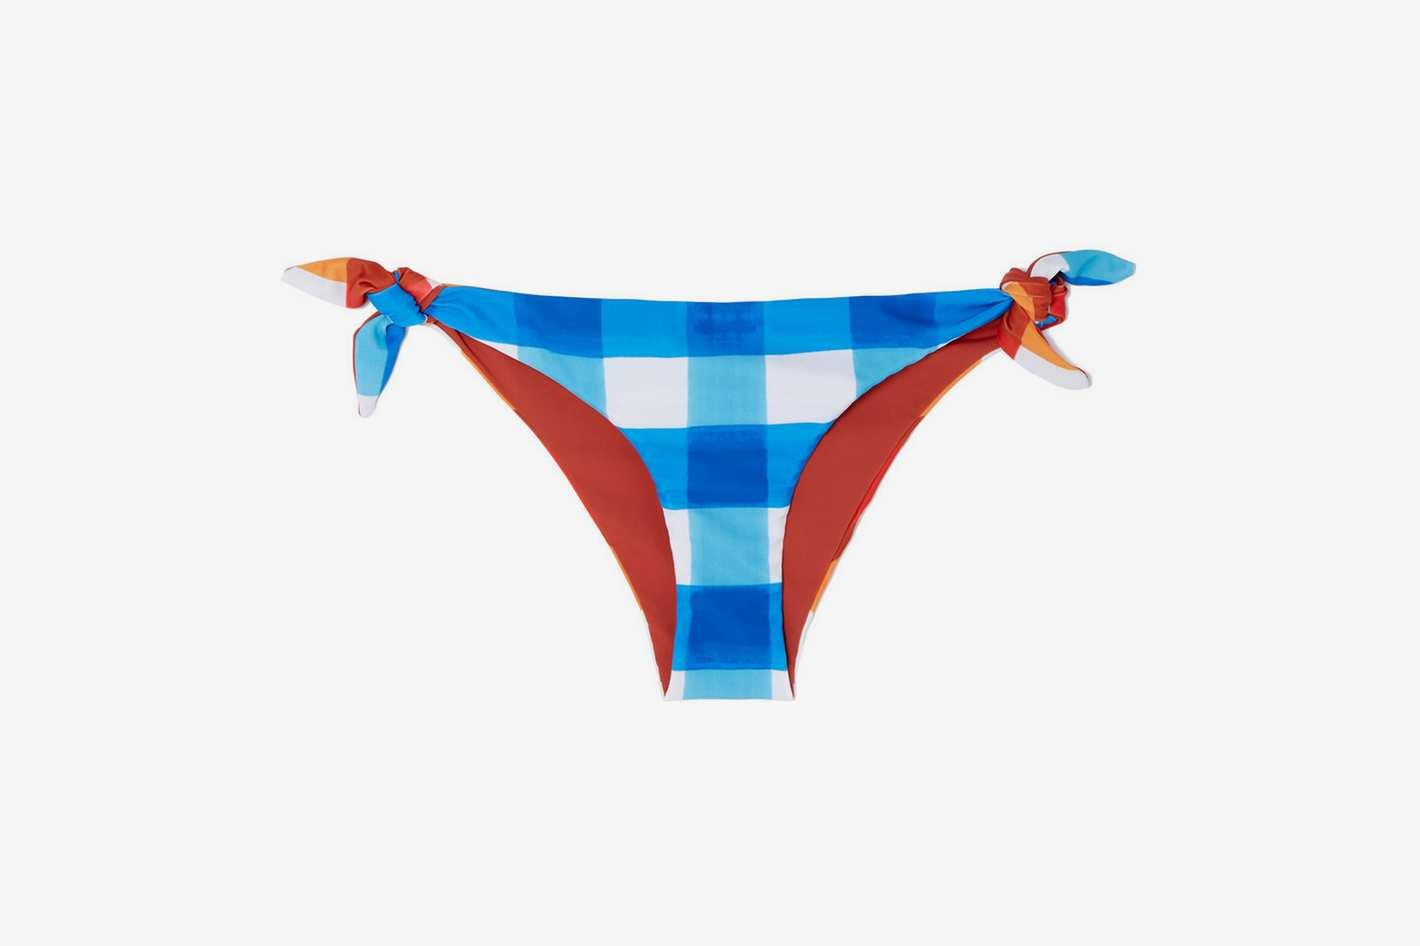 855d5681c59 10 Best Bikinis 2019 — Best Two-Piece Bathing Suits